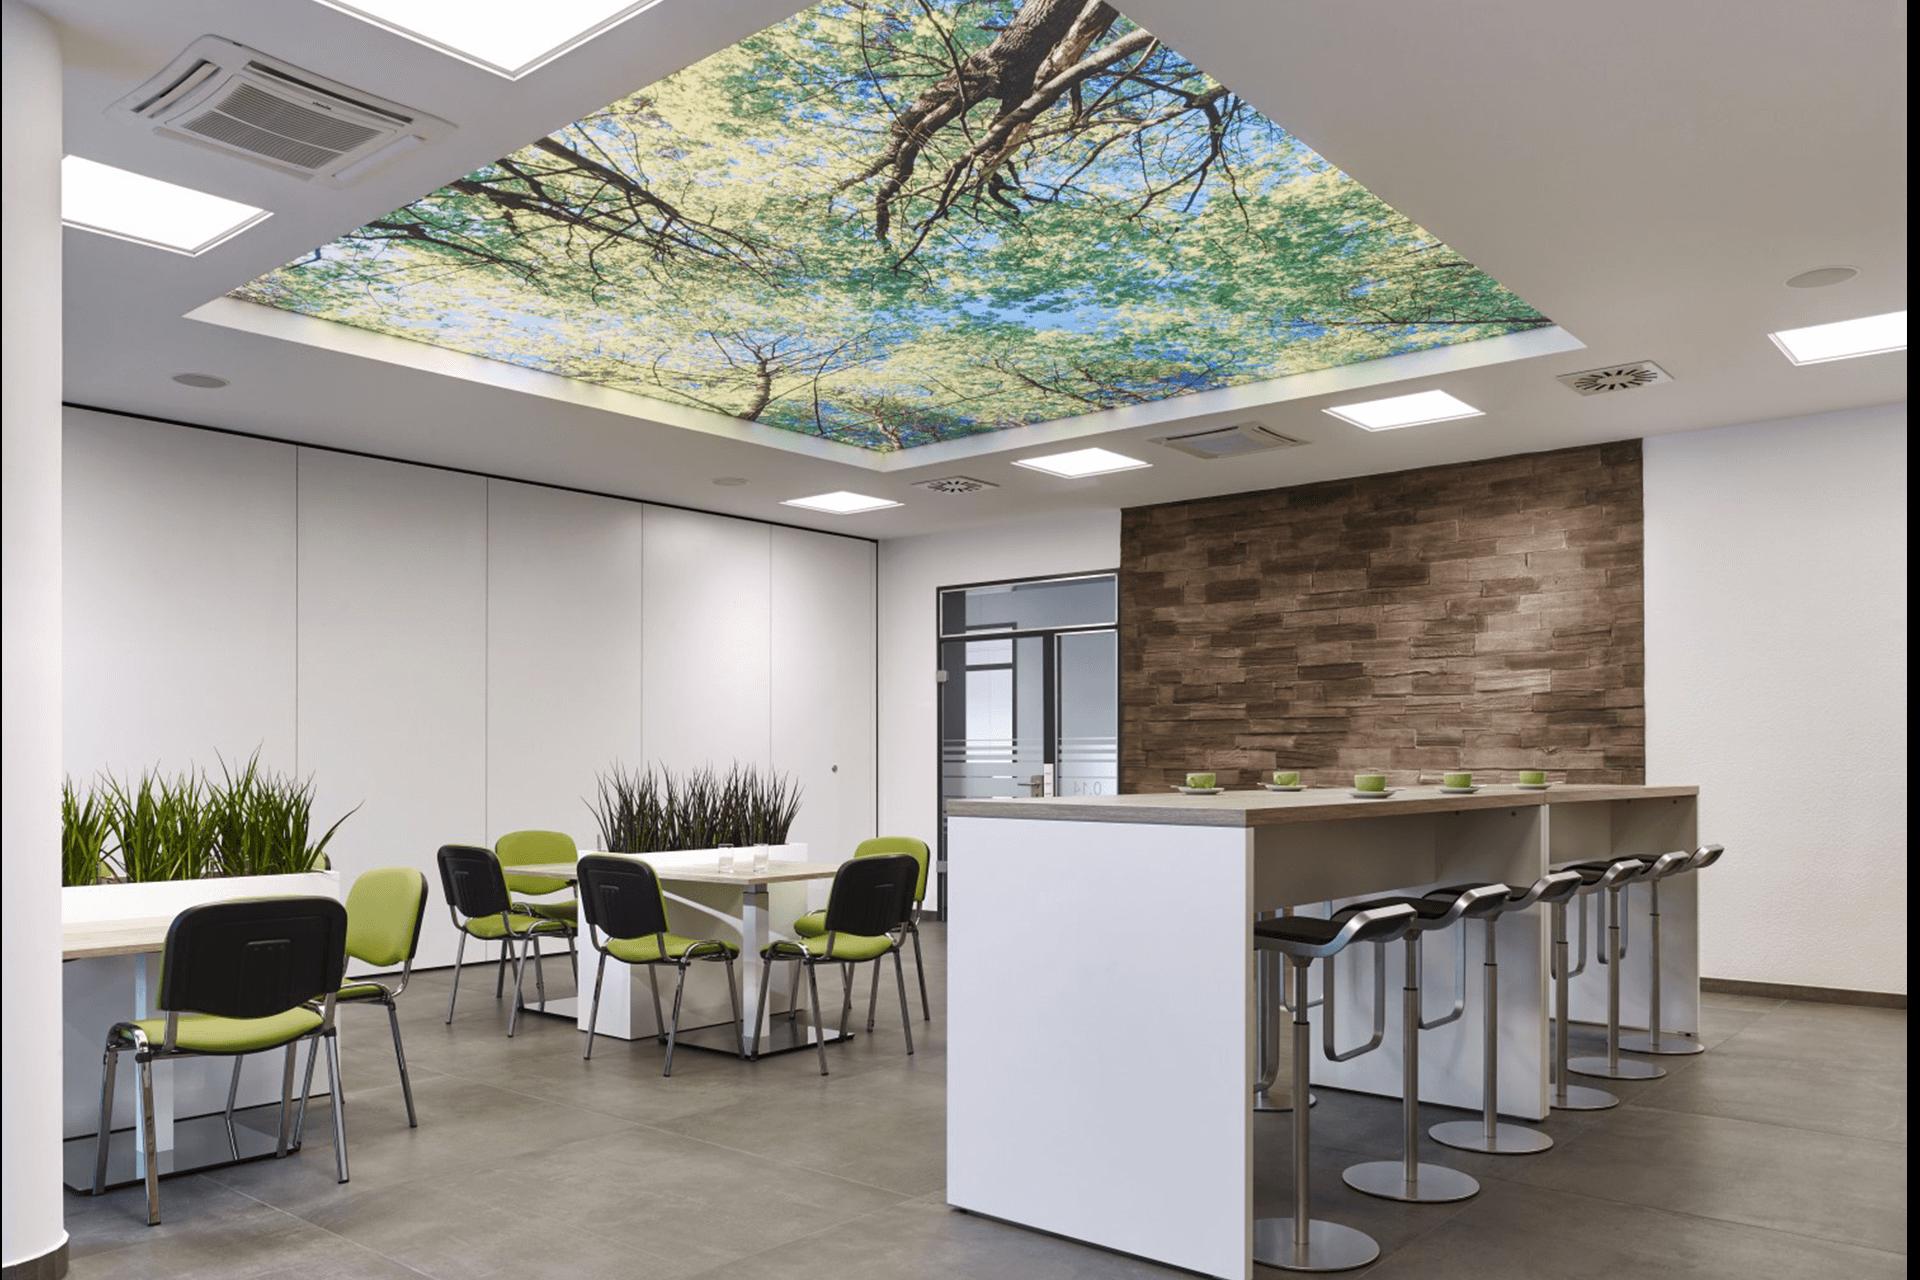 Натяжные потолки с фотопечатью в офисе - лес